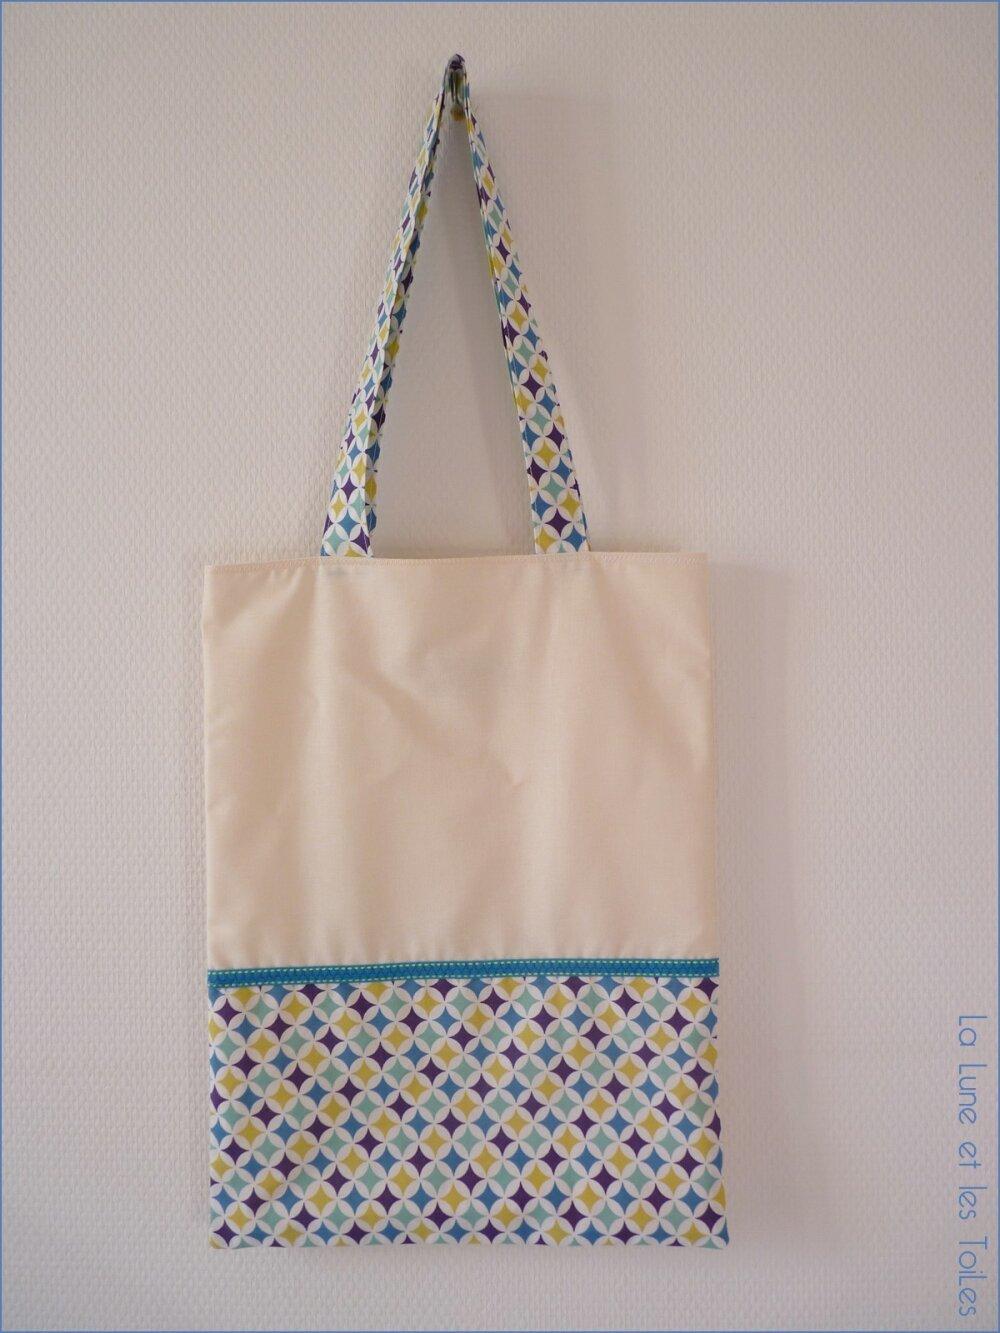 Sac tote bag personnalisé écru et bleu, moutarde, violet